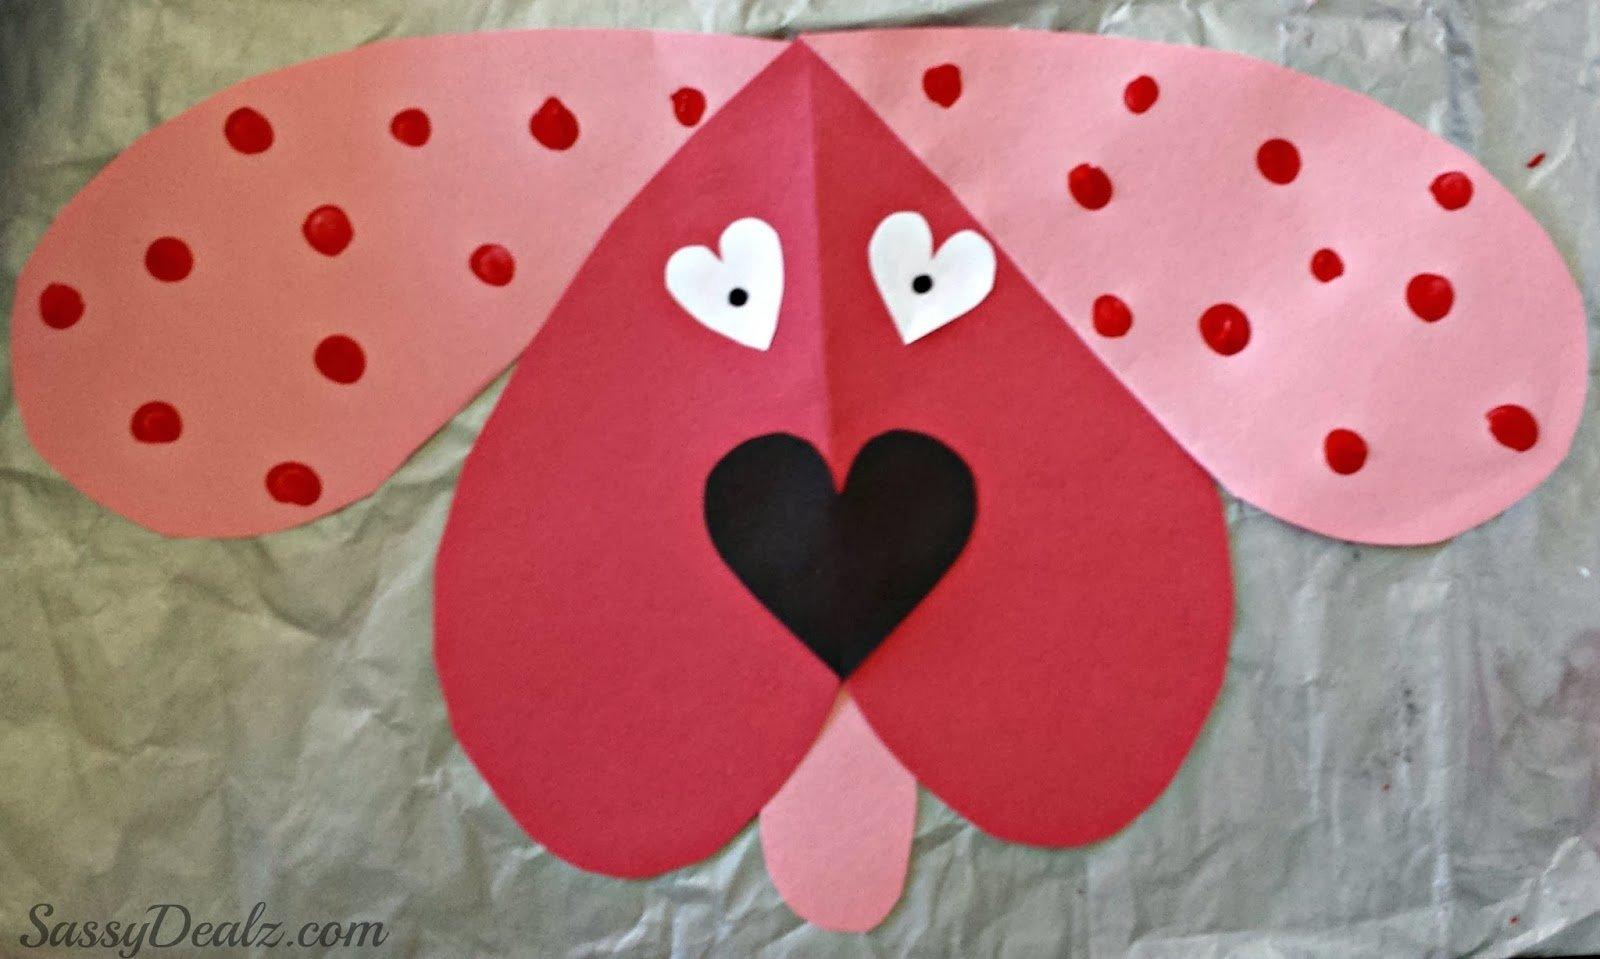 valentines day craft kids sassy dealz cute dog - tierra este   #11376